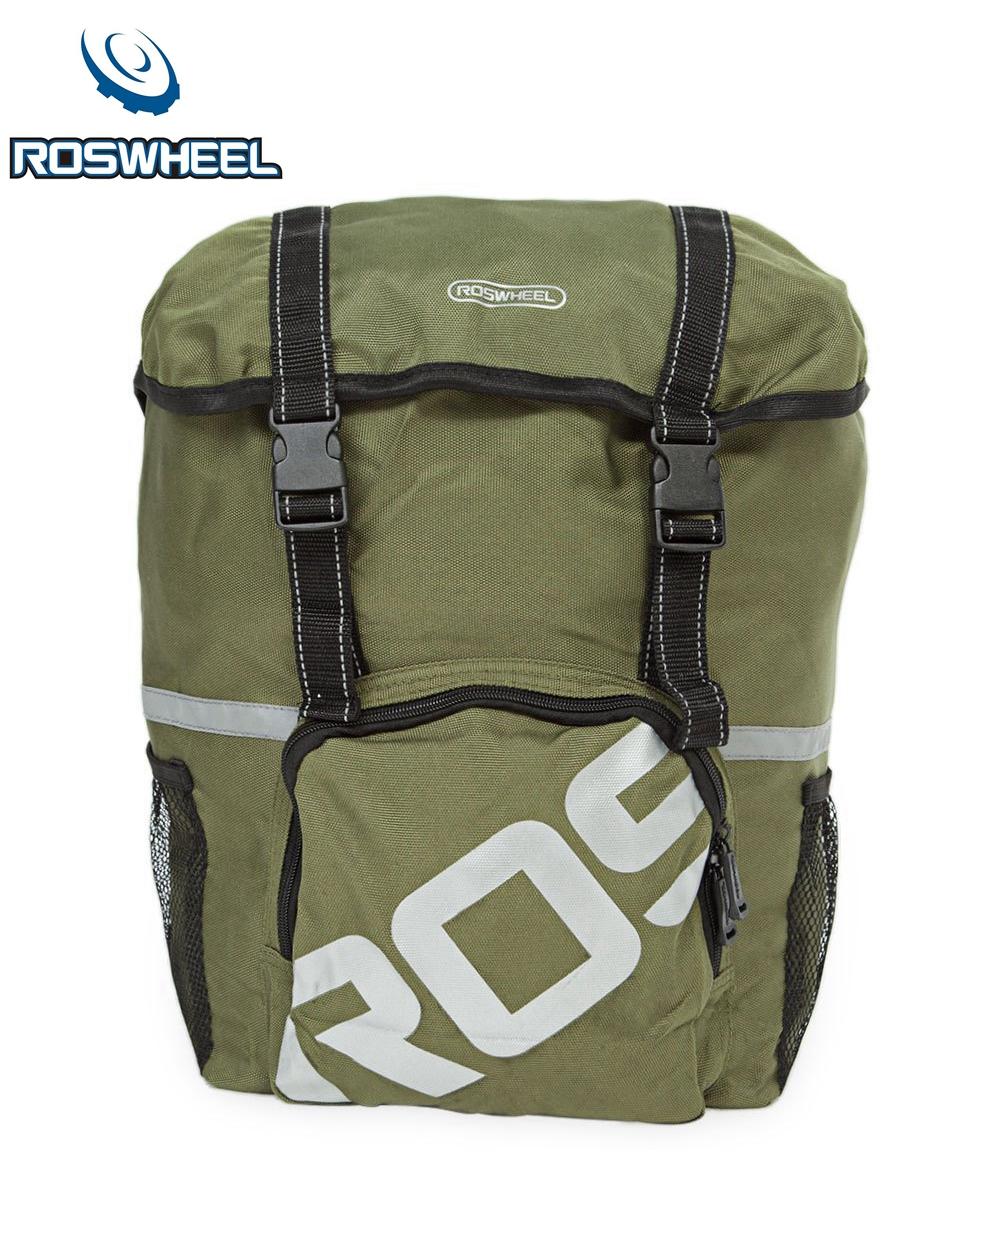 Prix pour Roswheel 15l hydrofuge durable montagne route vélo rack sac vélo double side-bagages arrière tail seat tronc sac sacoche